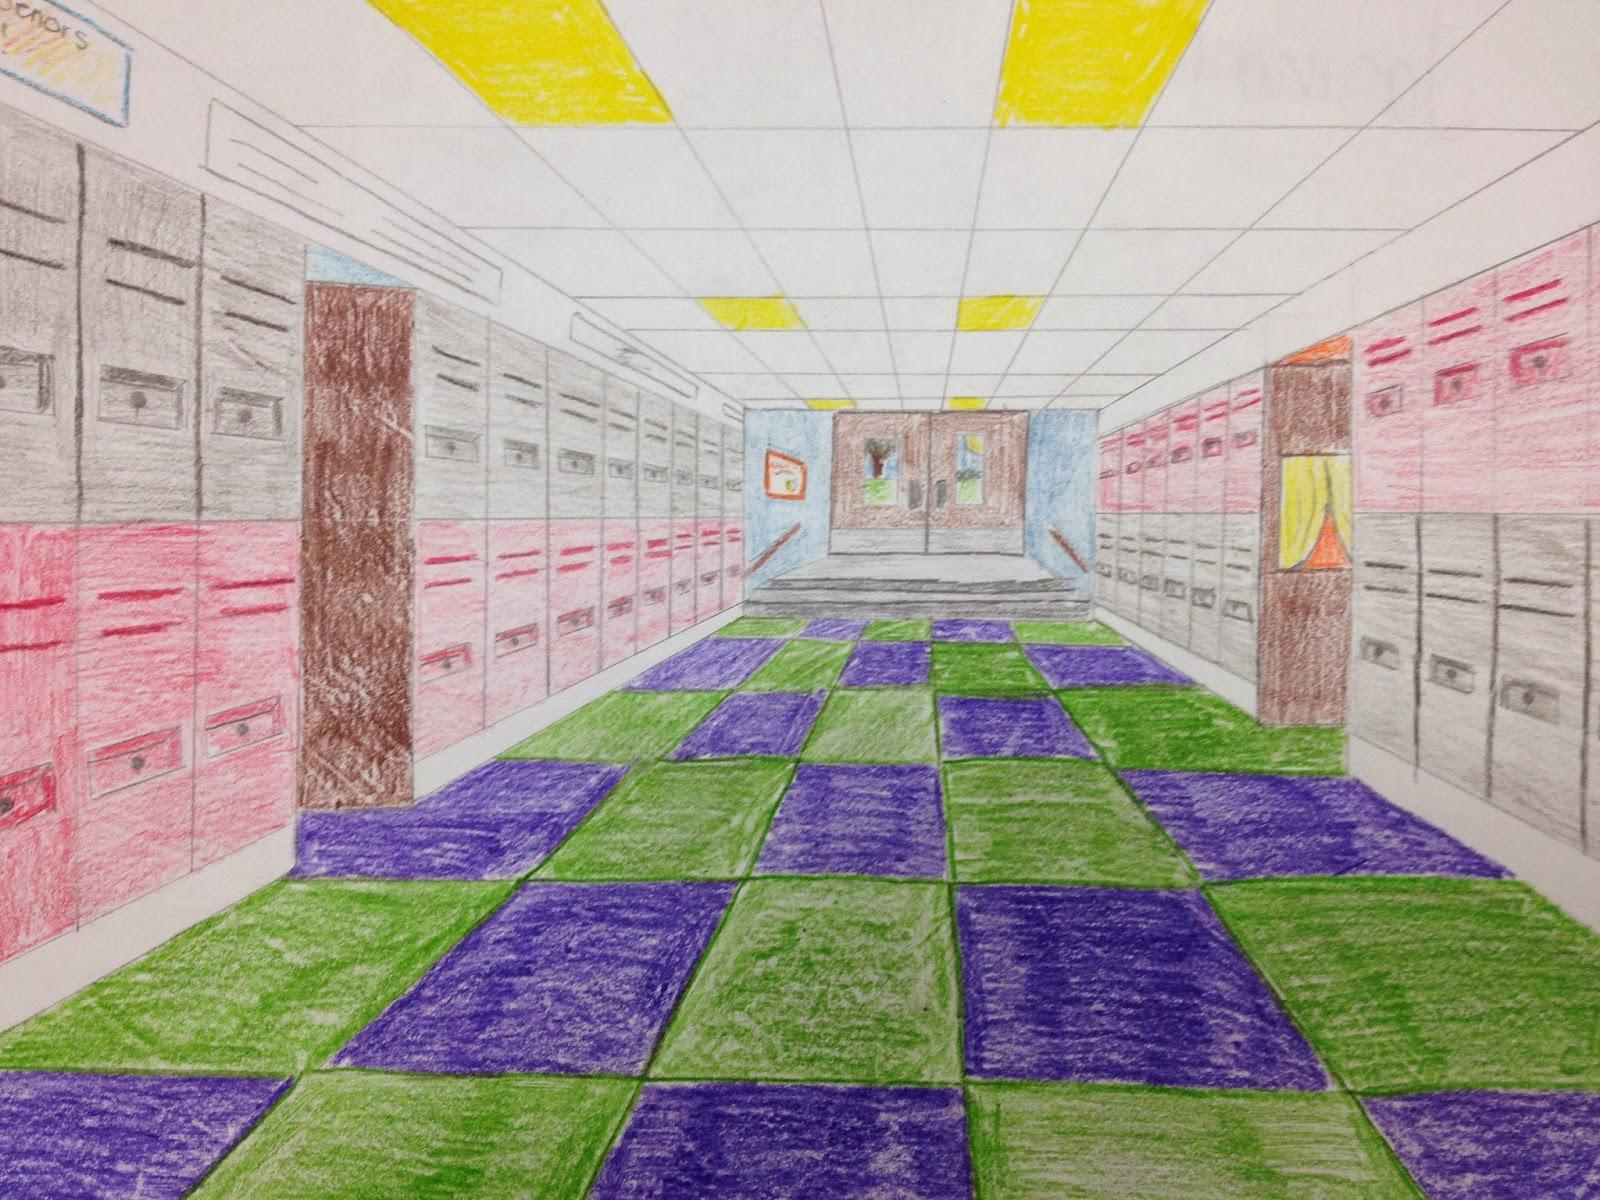 school hallway drawing - HD1600×1200